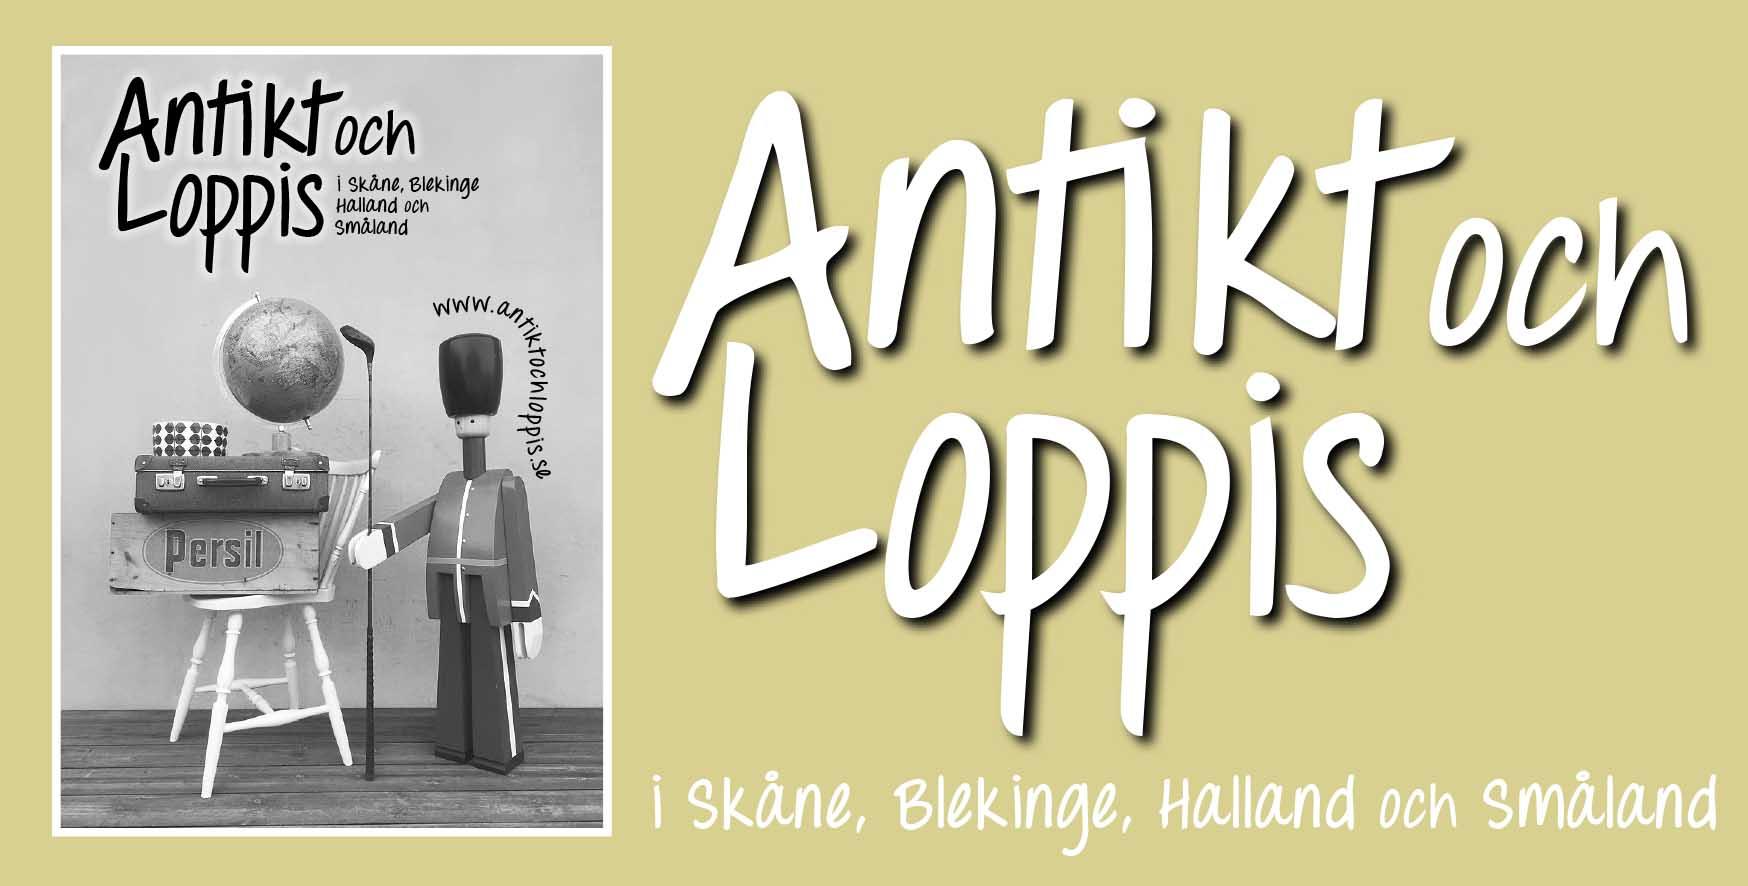 Antikt och Loppis 2018